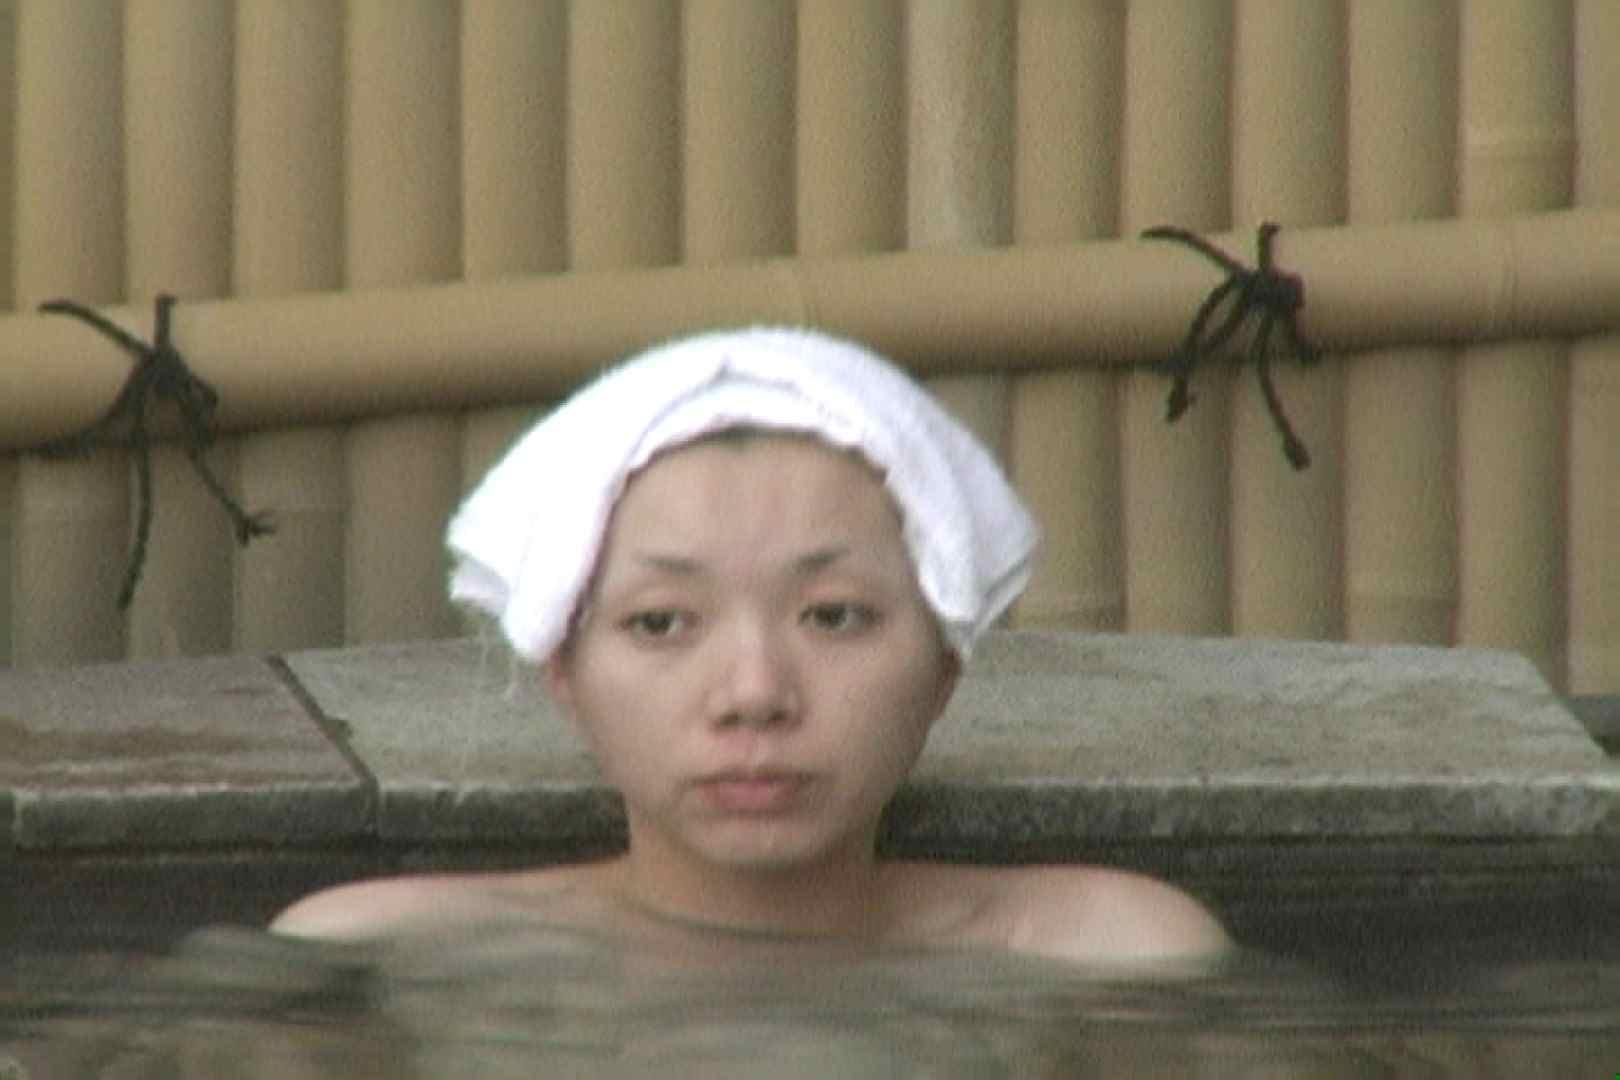 Aquaな露天風呂Vol.630 OLエロ画像 | 盗撮  110PICs 58